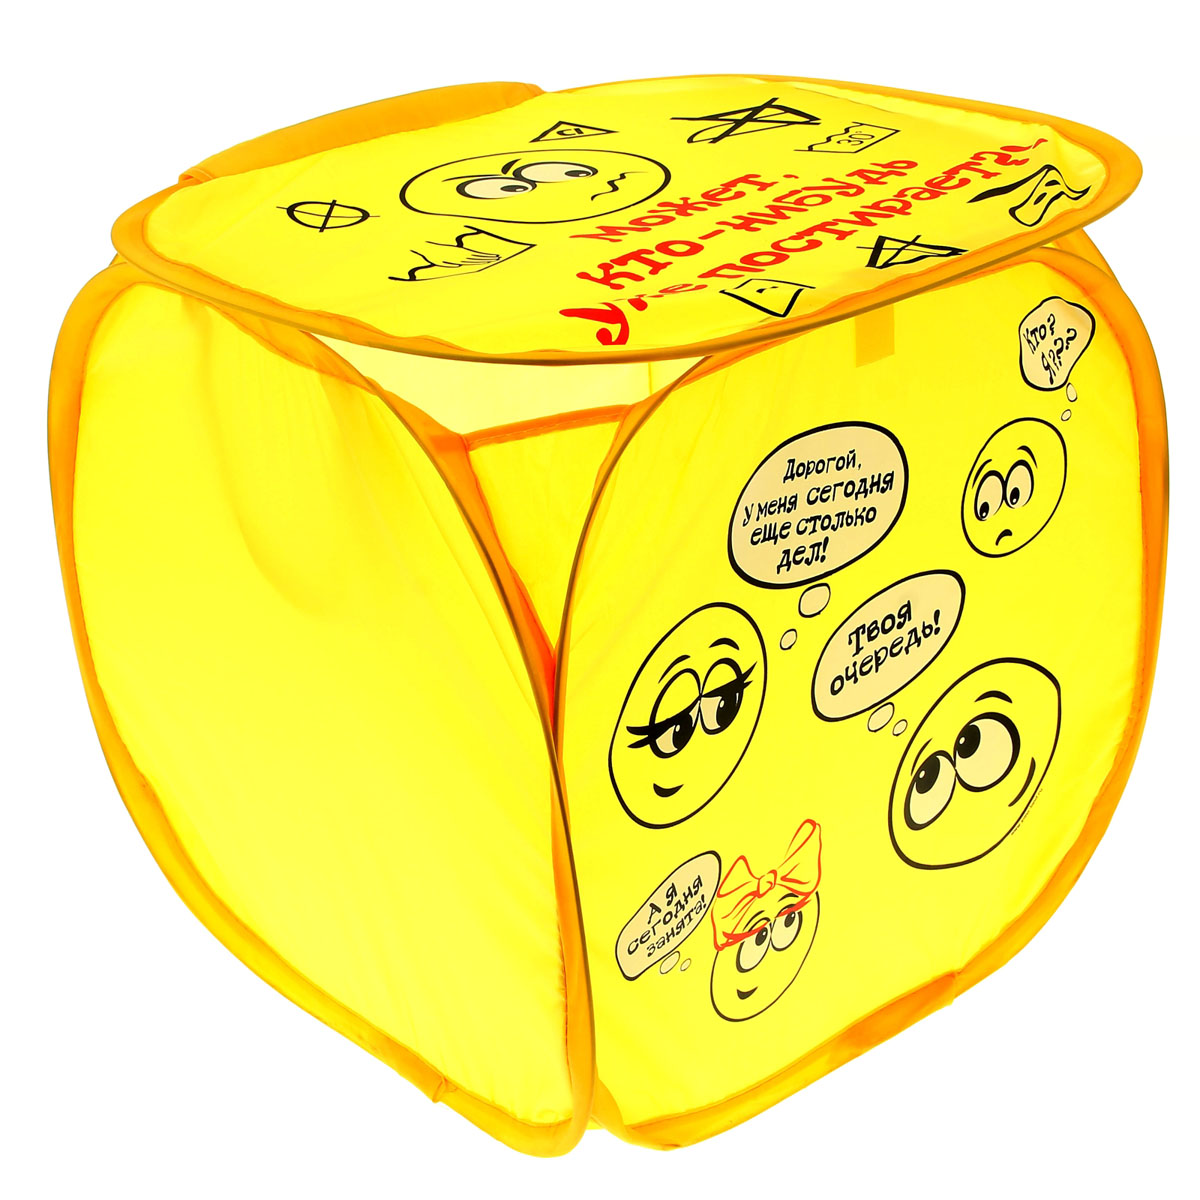 Корзина для белья Sima-land Может кто-нибудь постирает?, цвет: желтый, 35 х 35 см 35 см корзина для белья sima land день стирки цвет розовый 35 см х 35 см х 55 см